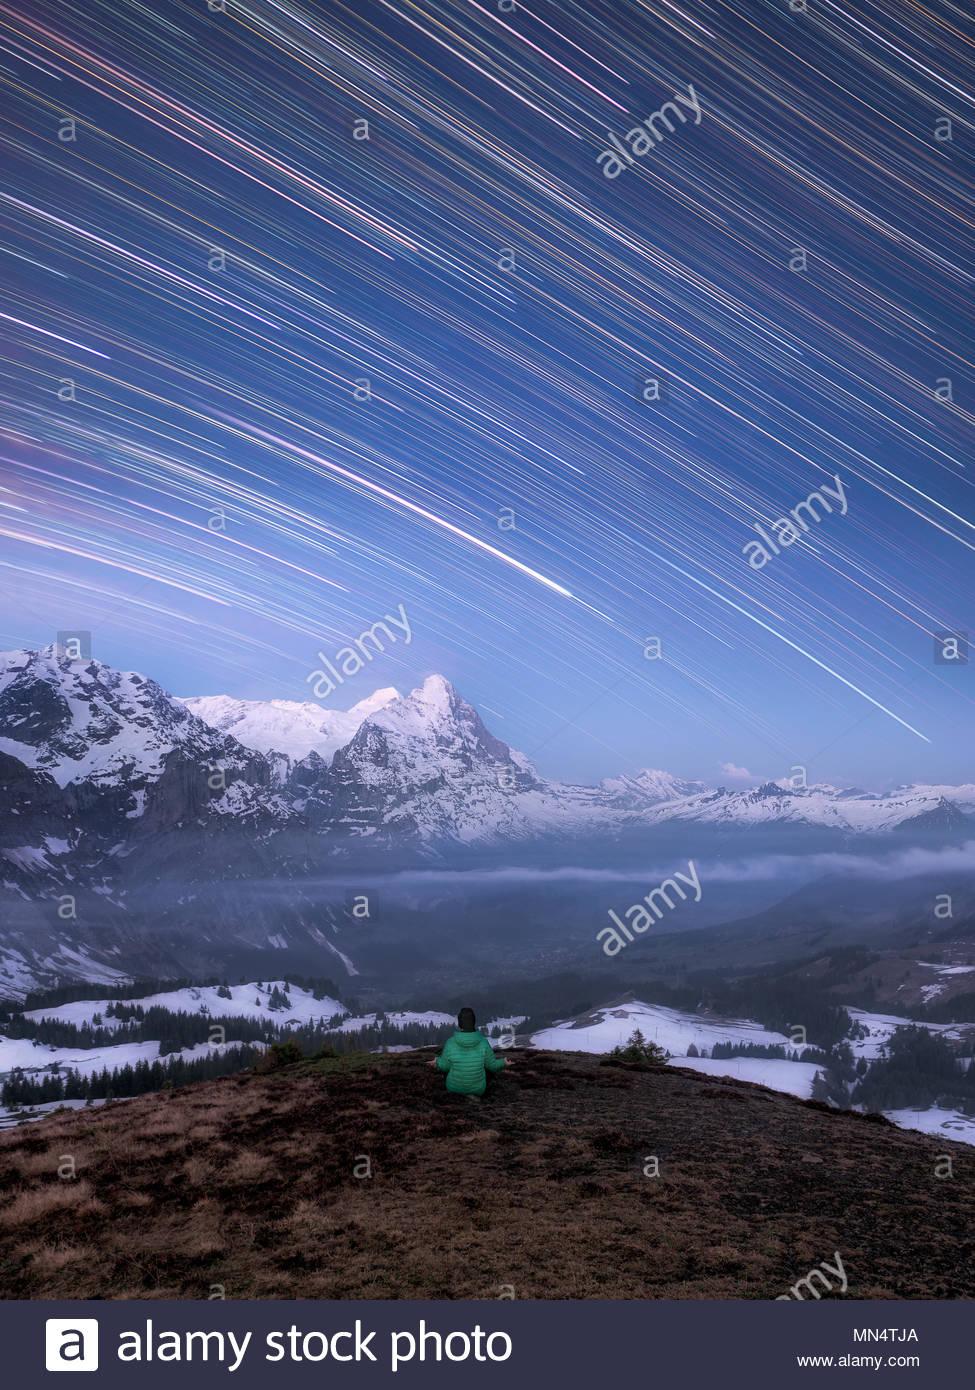 Un homme assis sous le ciel nocturne dans les montagnes de méditer, étoile filante comme star trails à partir de la rotation de la terre et couverts de neige, paysage alpin Photo Stock